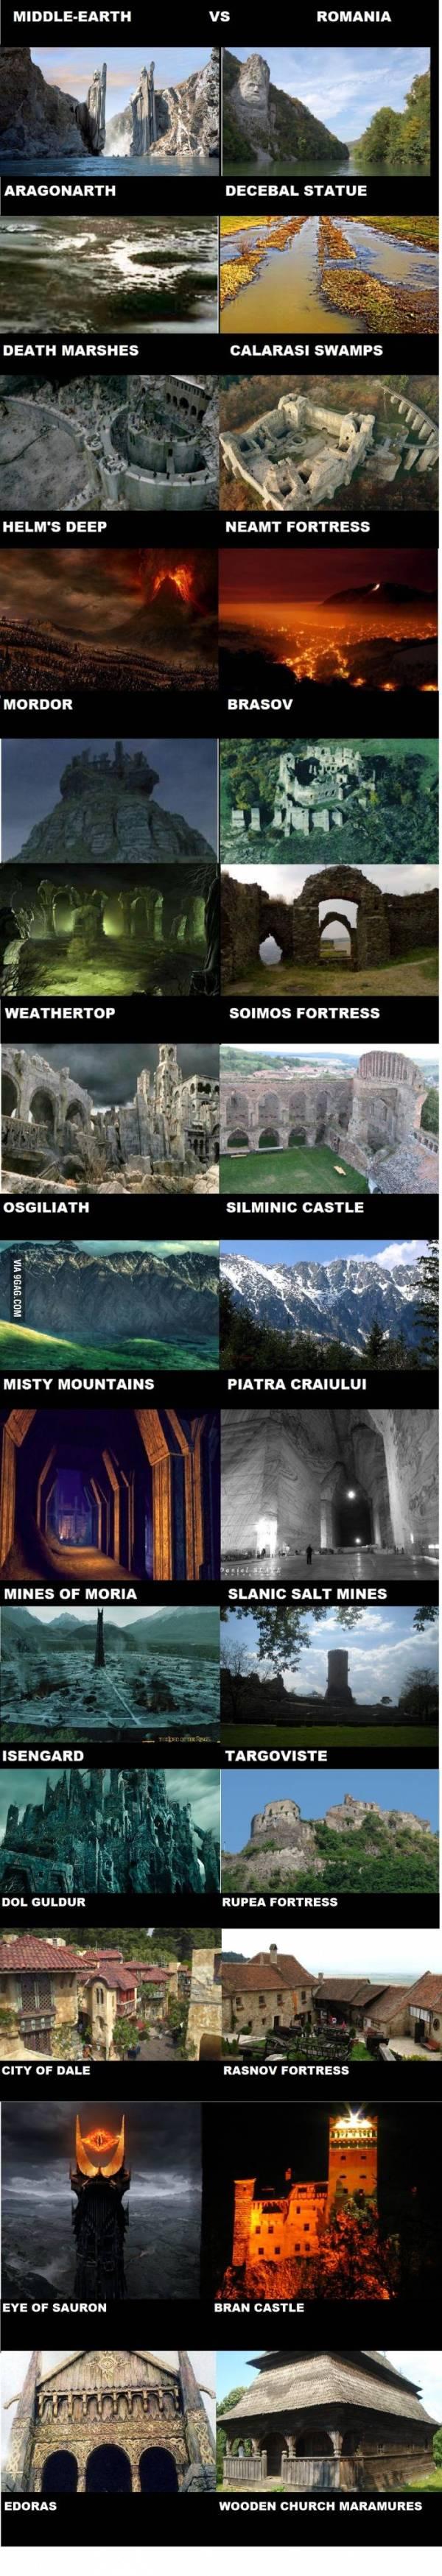 Middle Earth vs Romania - Imgur